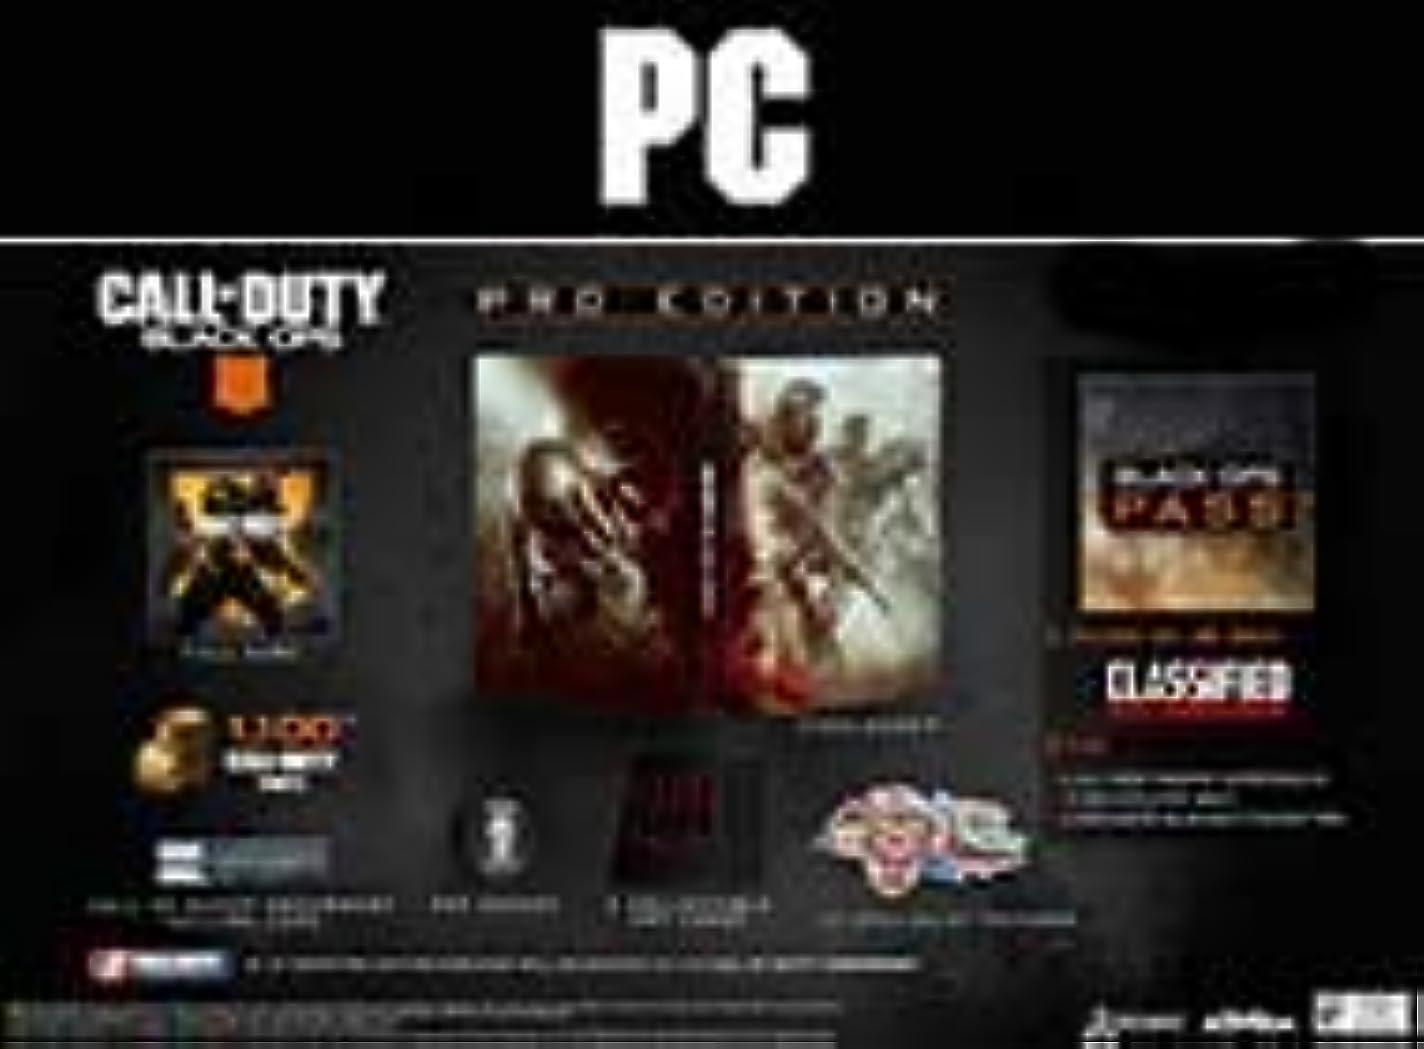 ビット面倒半球Call of Duty Black Ops 4 Pro Edition PC デューティブラックオプス4プロ版のコール 北米英語版 [並行輸入品]